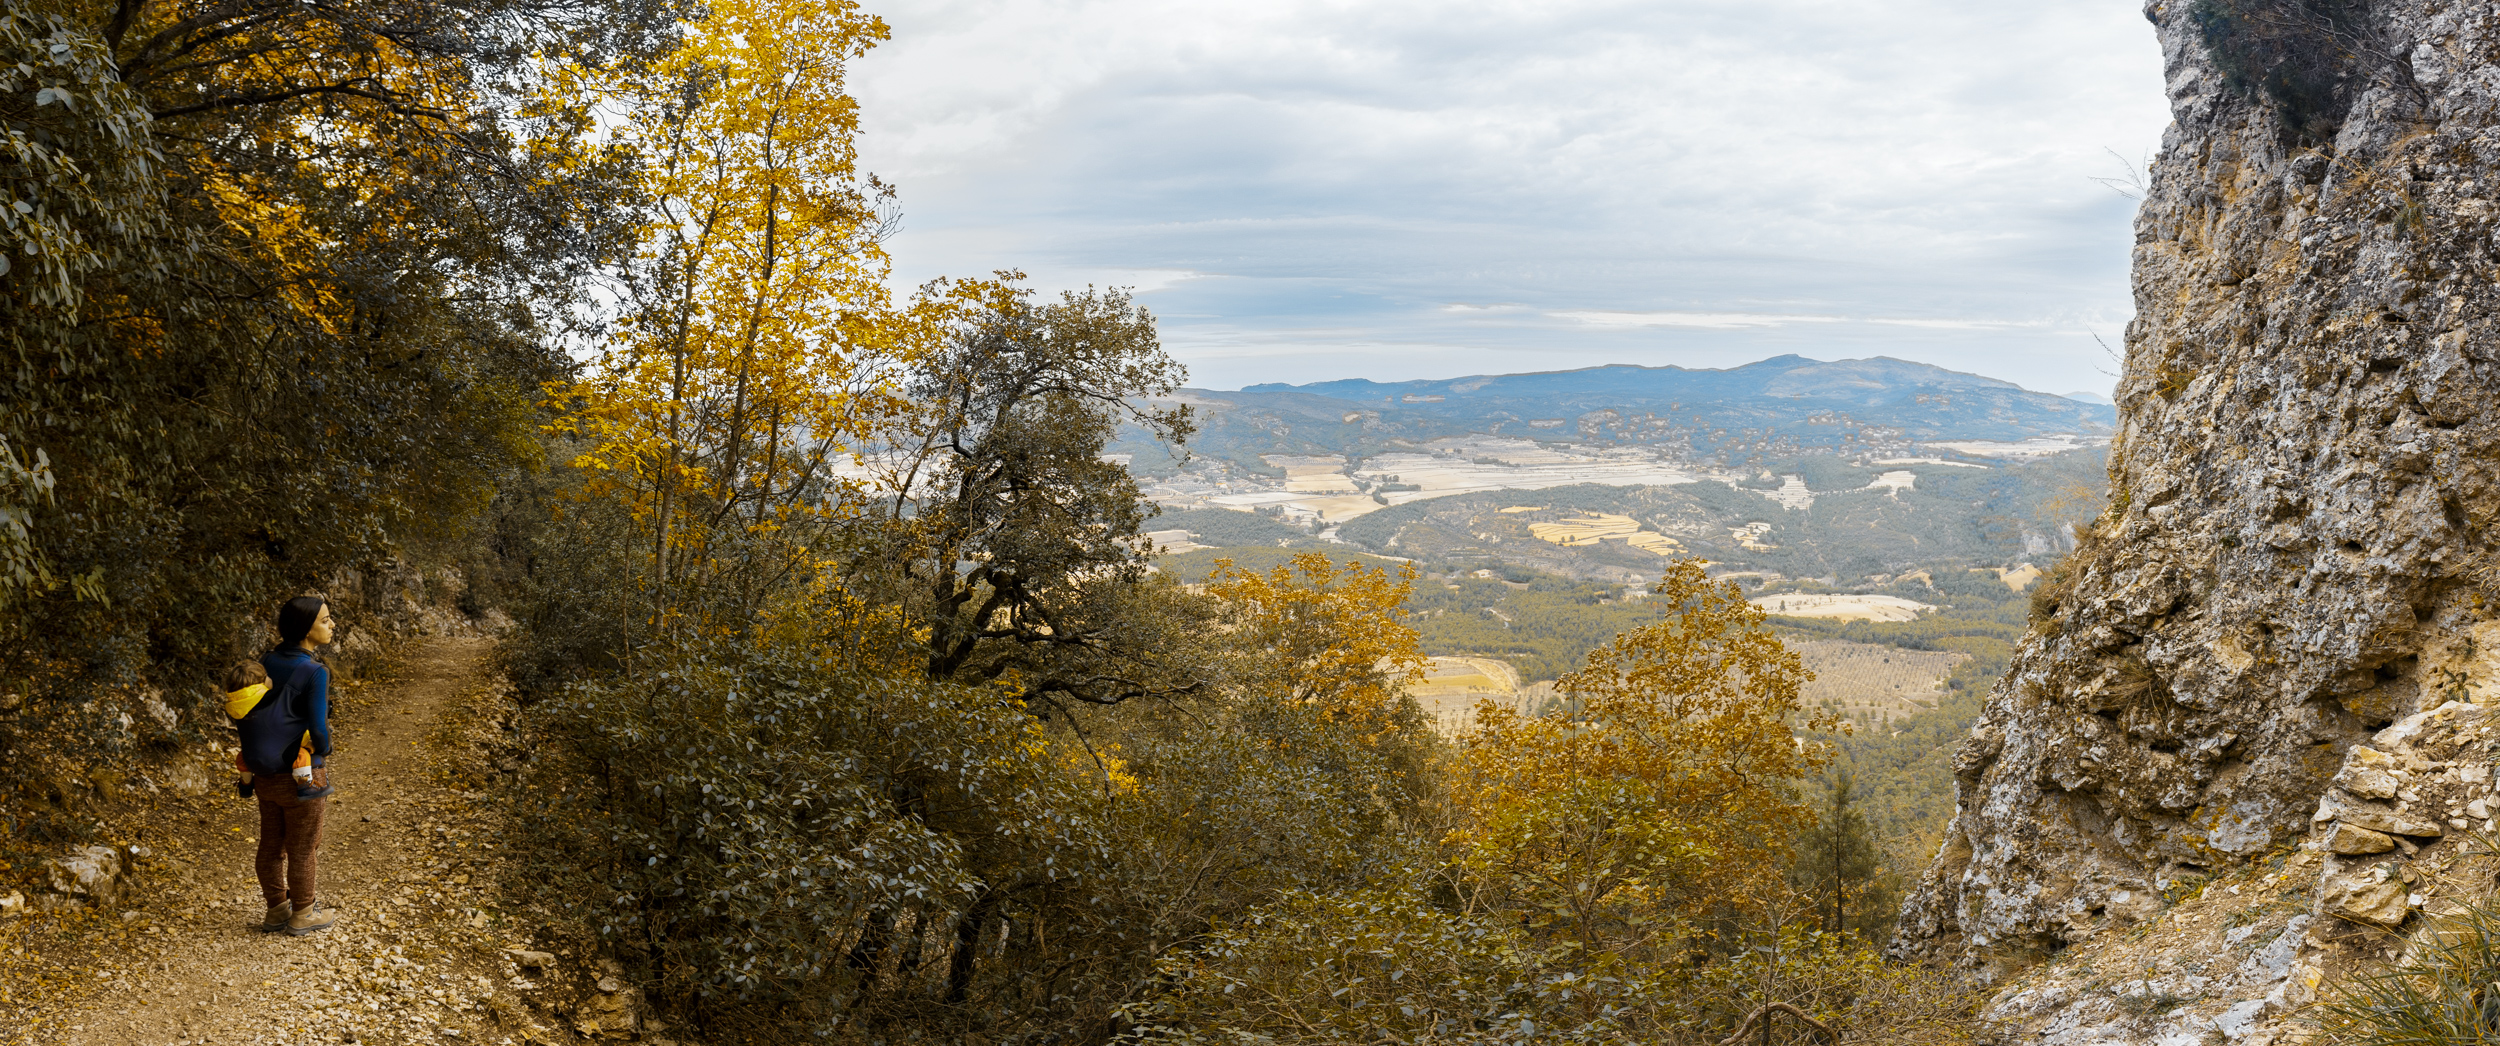 otoño colores font roja alicante naturaleza panoramica